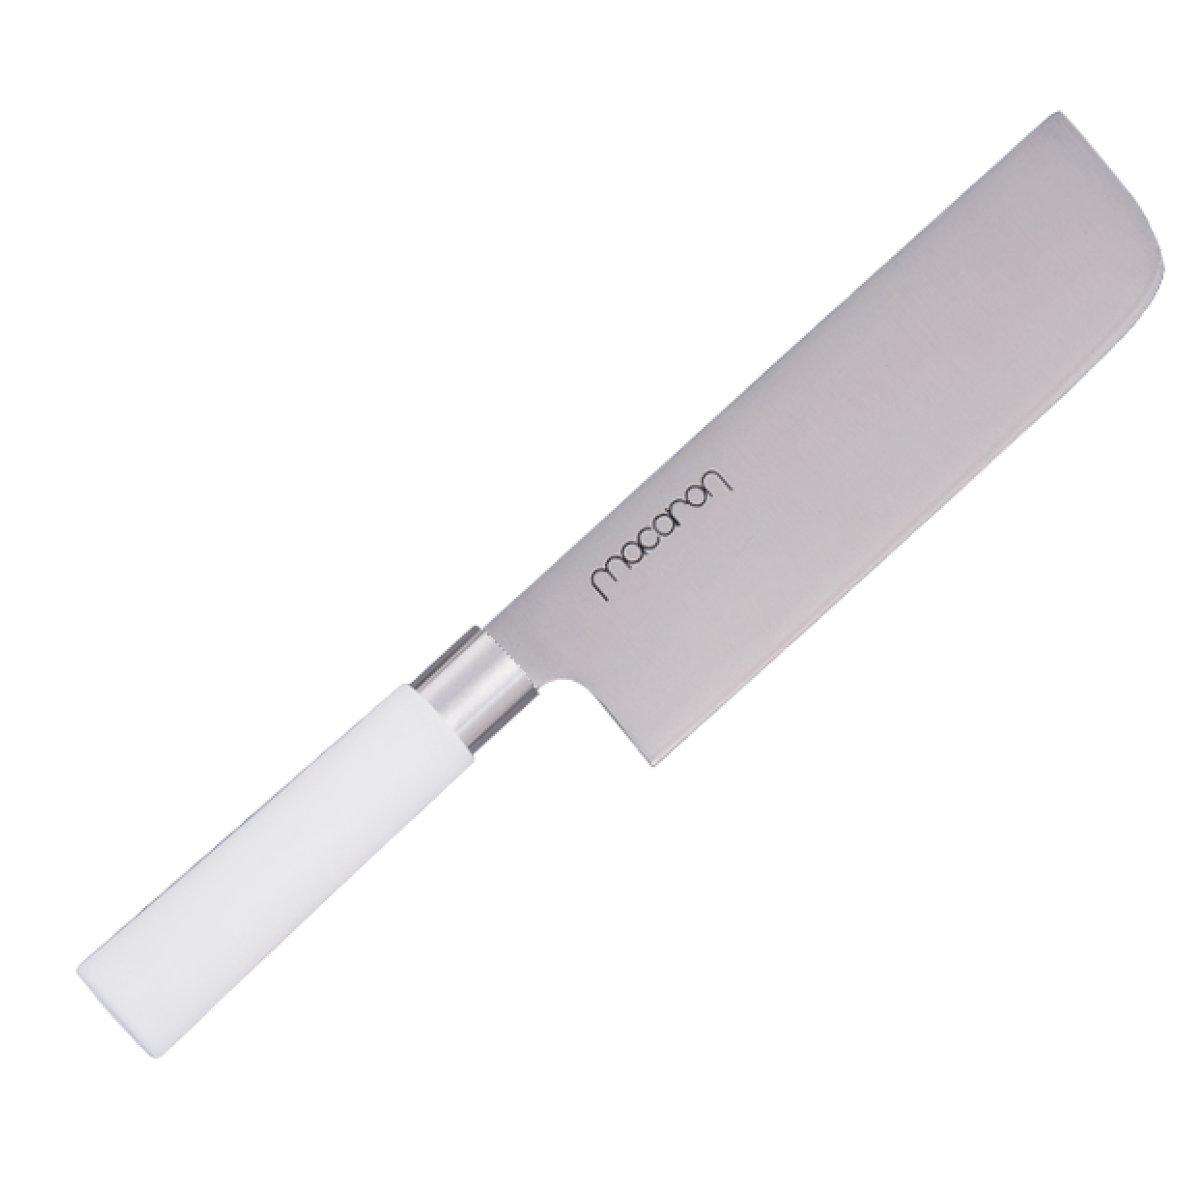 菜切包丁 170mm MACARON ( 菜切 包丁 17cm キッチンナイフ 調理器具 ) 【4500円以上送料無料】